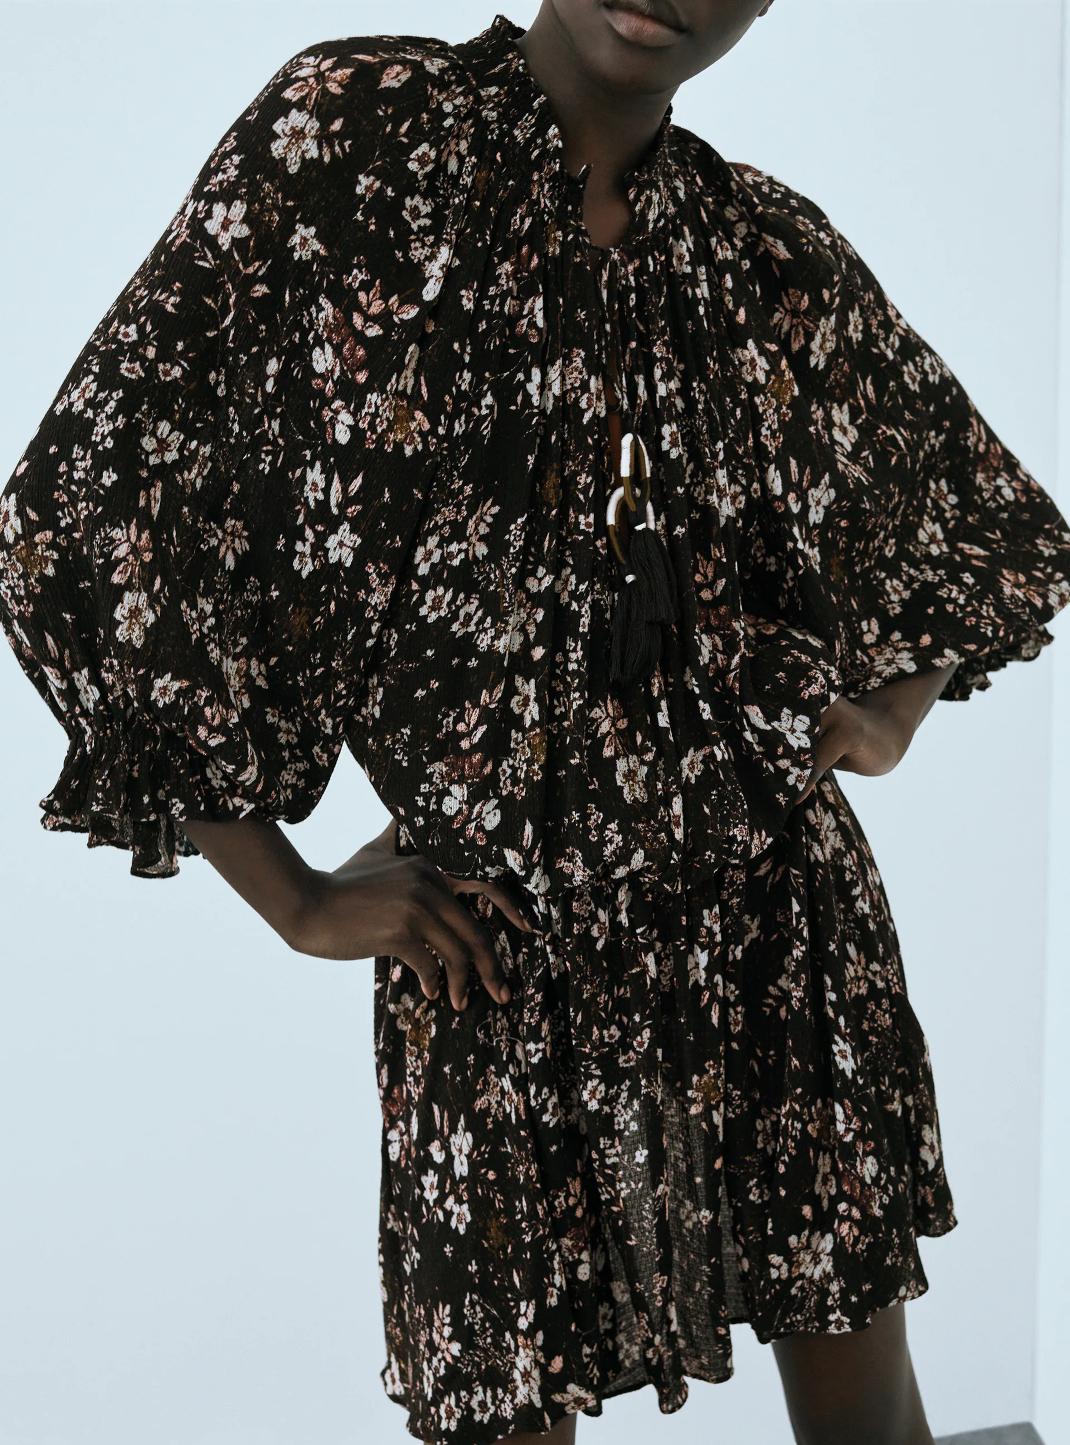 γυναίκα με μίνι φόρεμα